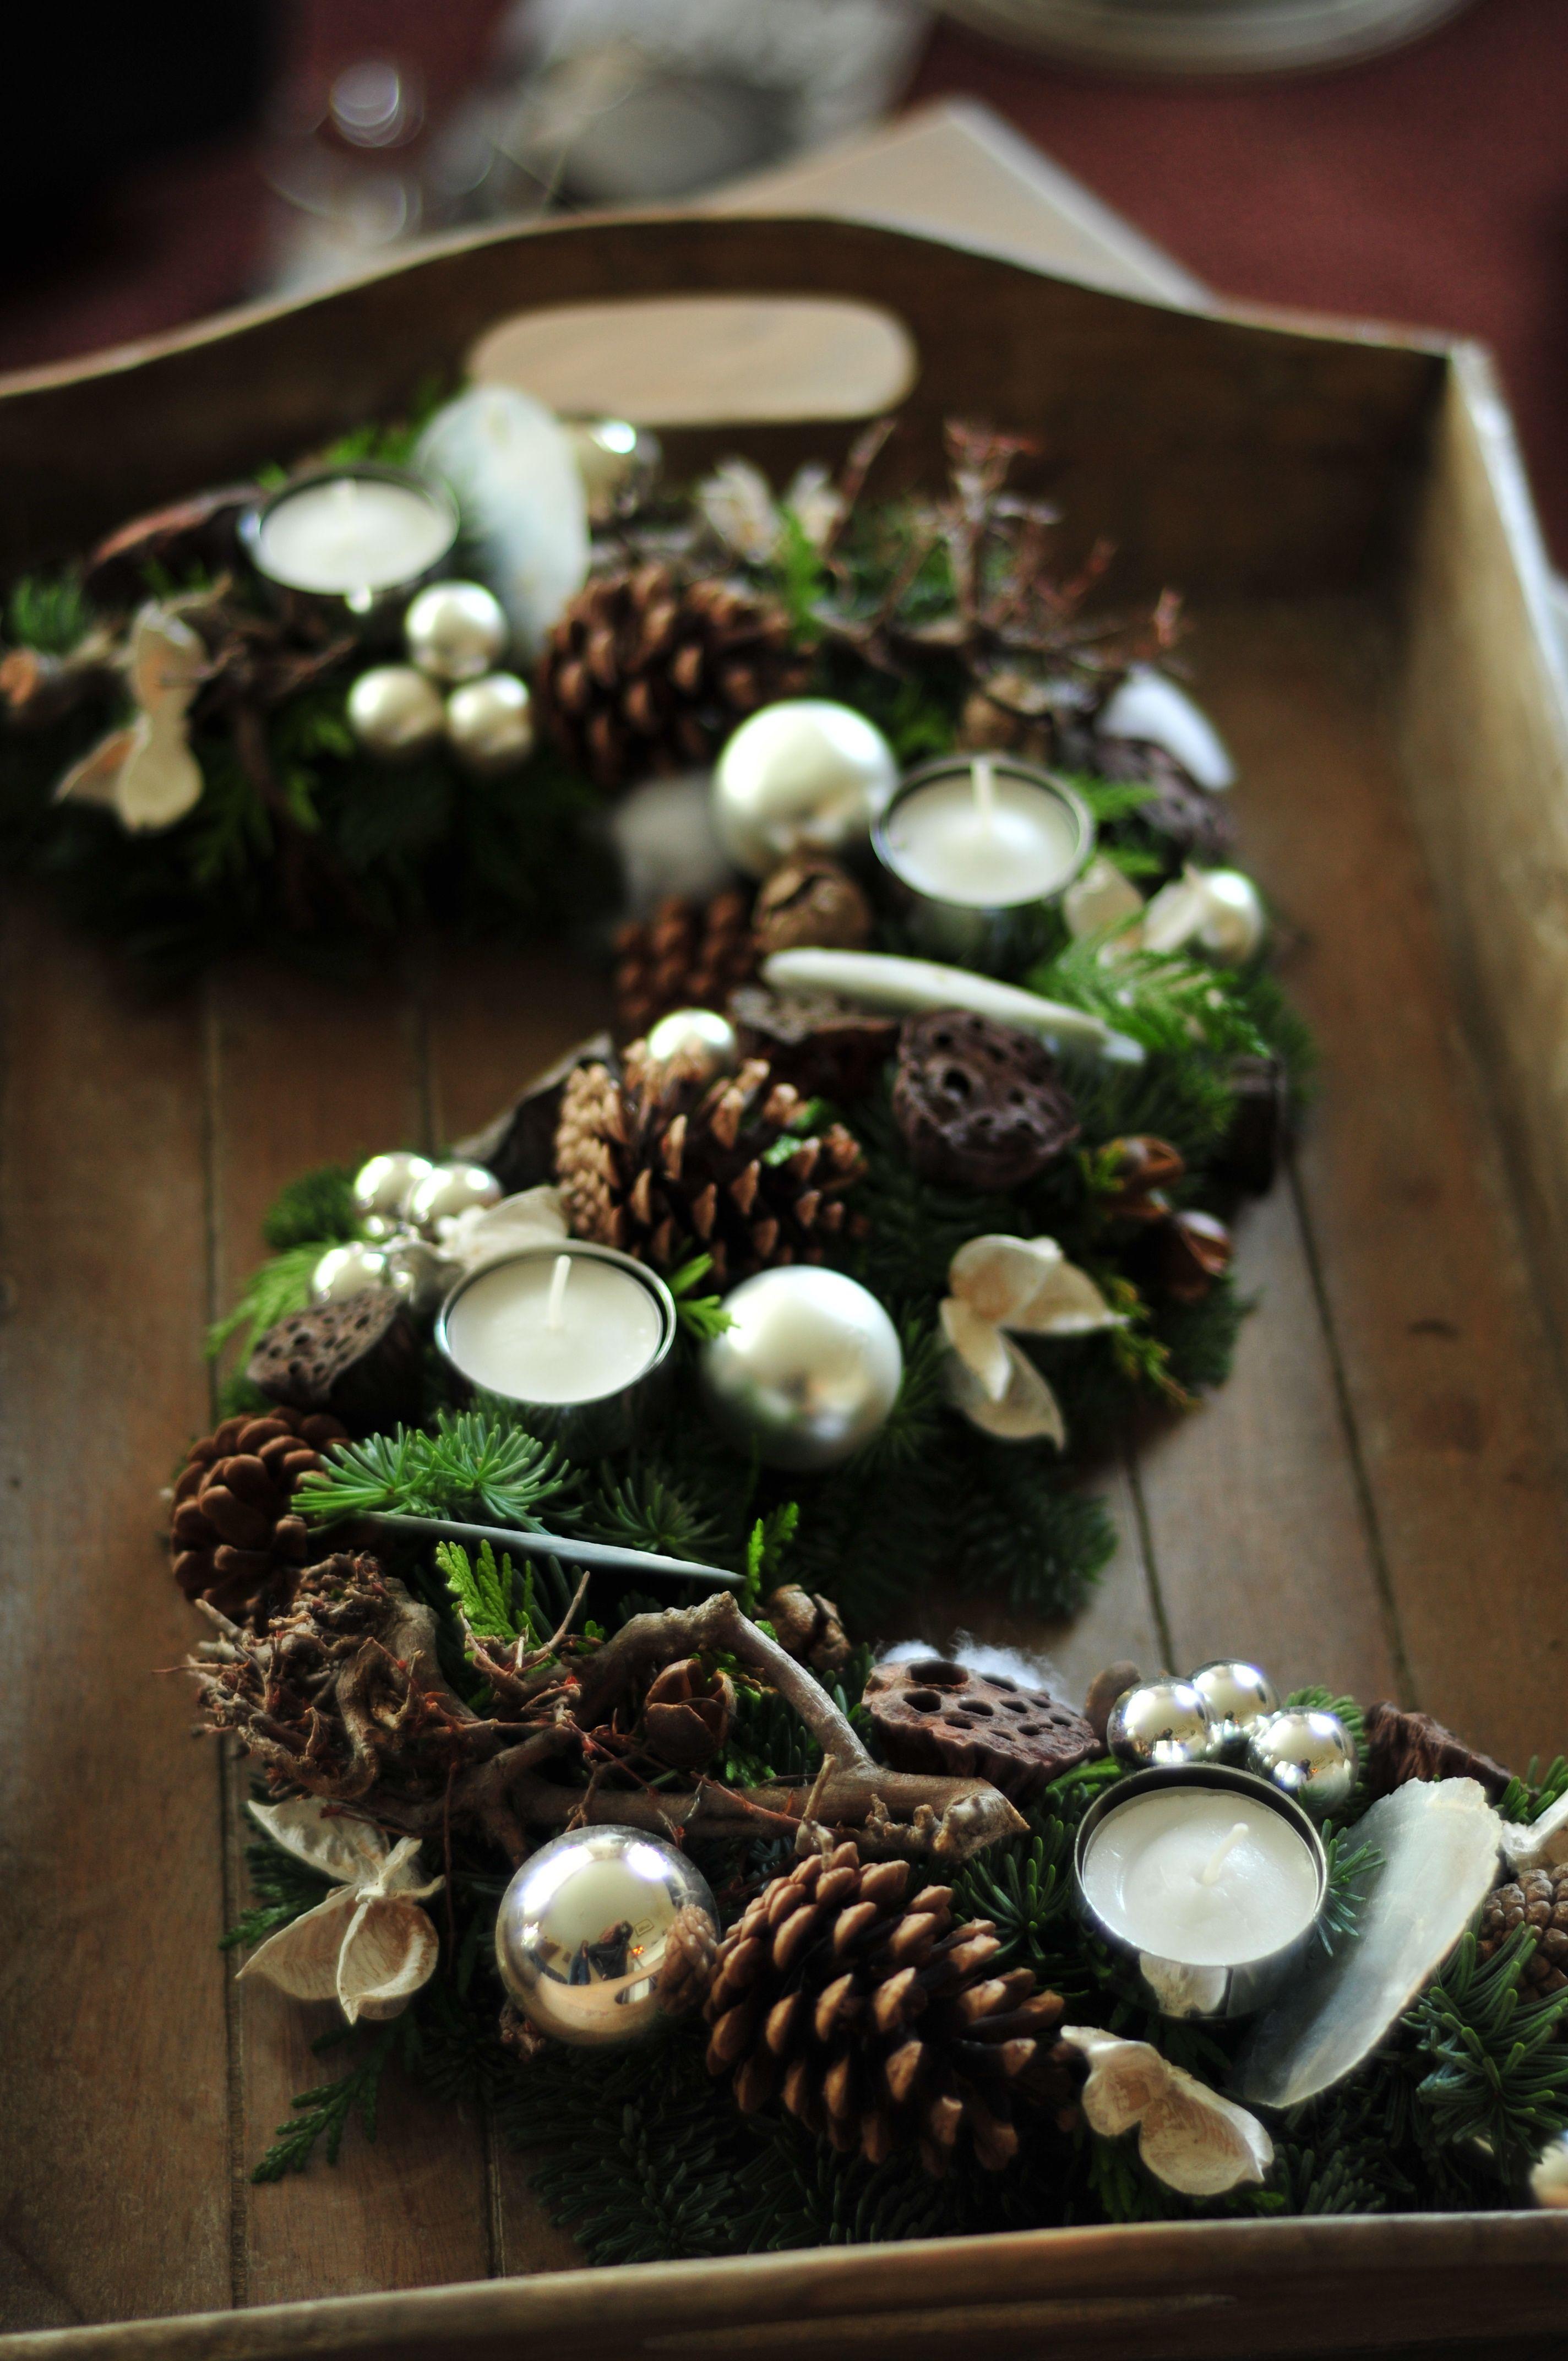 Festliches tablett weihnachten weihnachten weihnachtsdekoration en dekoration - Weihnachtsdekoration basteln mit kindern ...